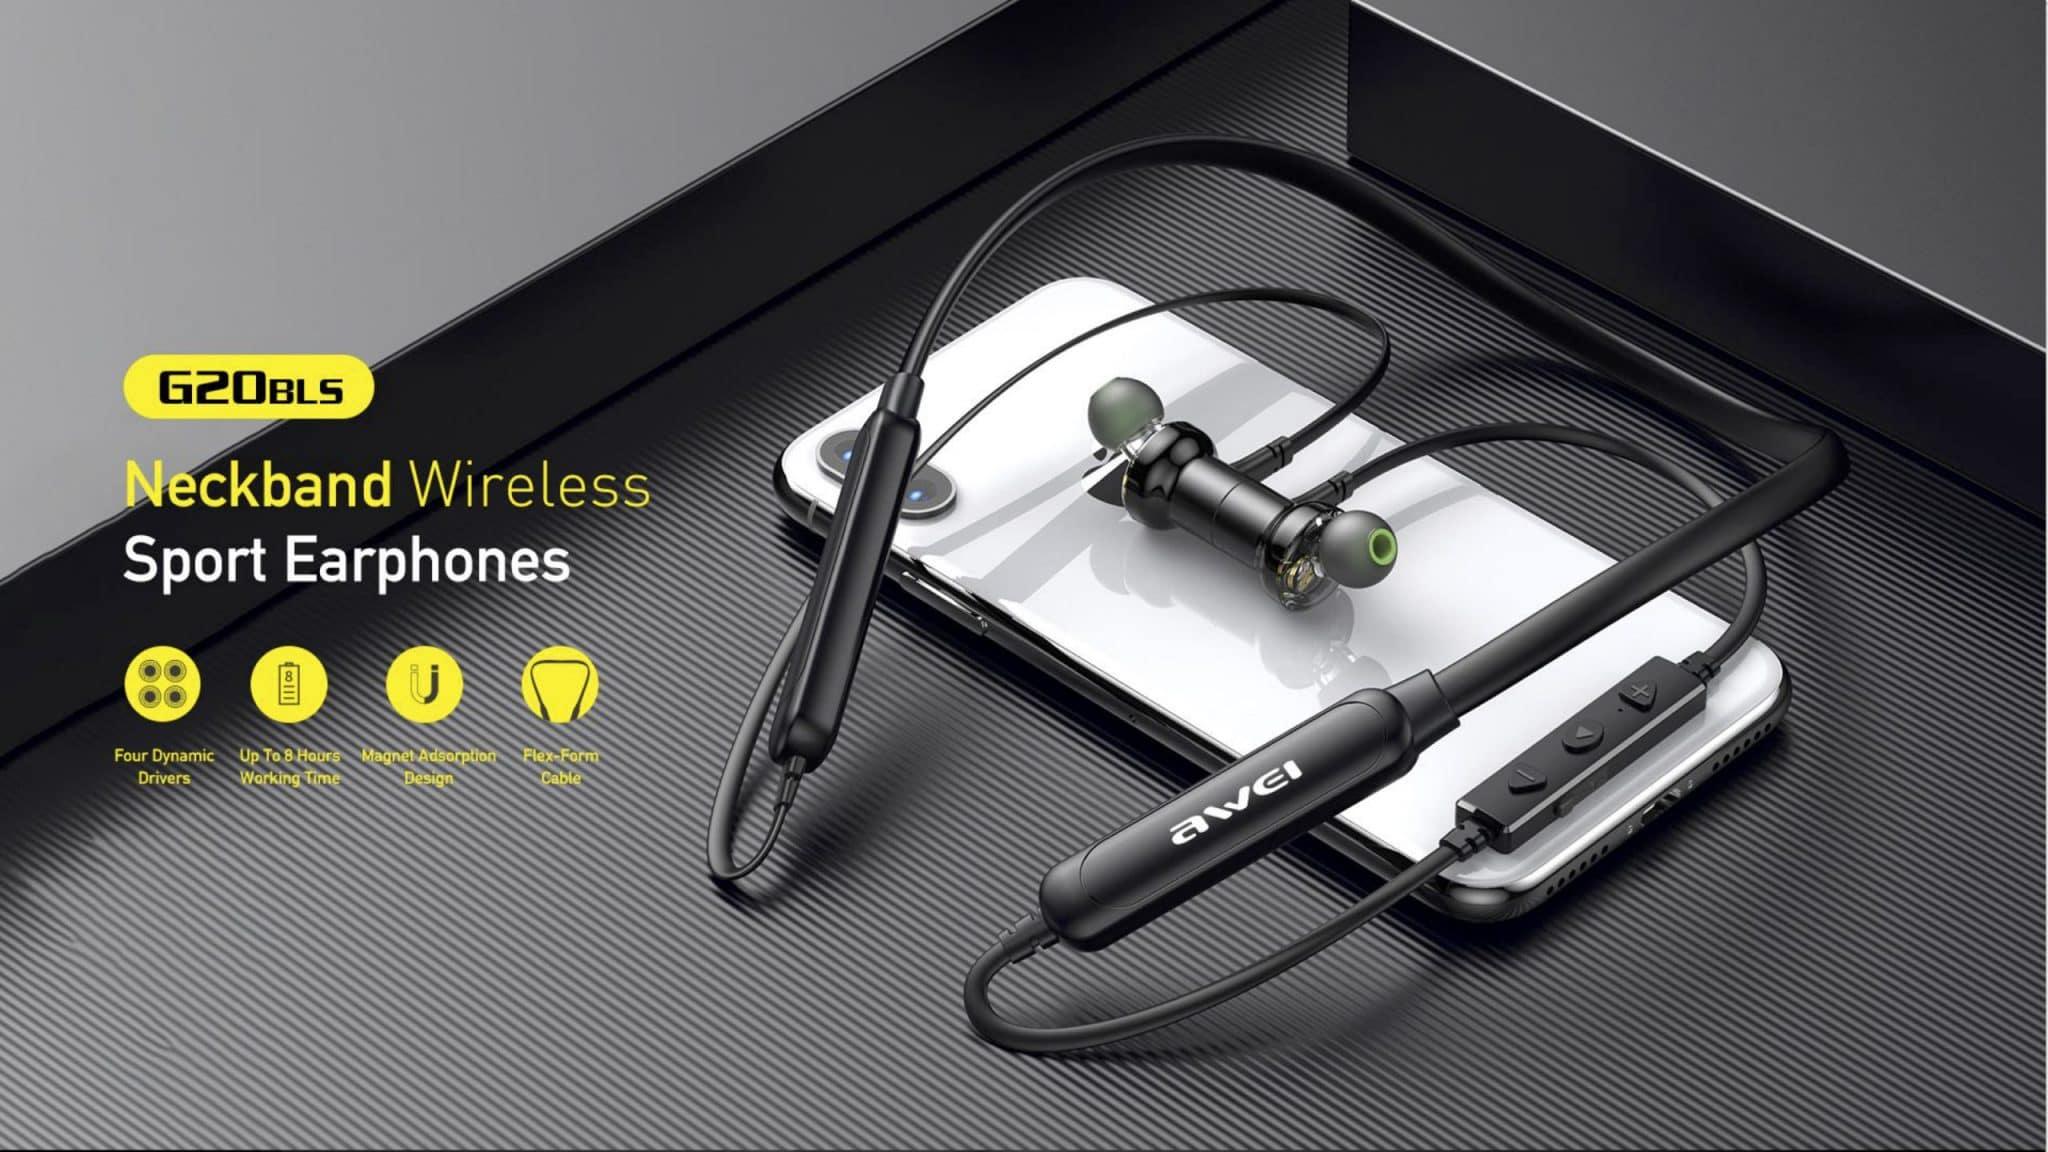 Awei Neckband Wireless Sport Earphones G20BLS